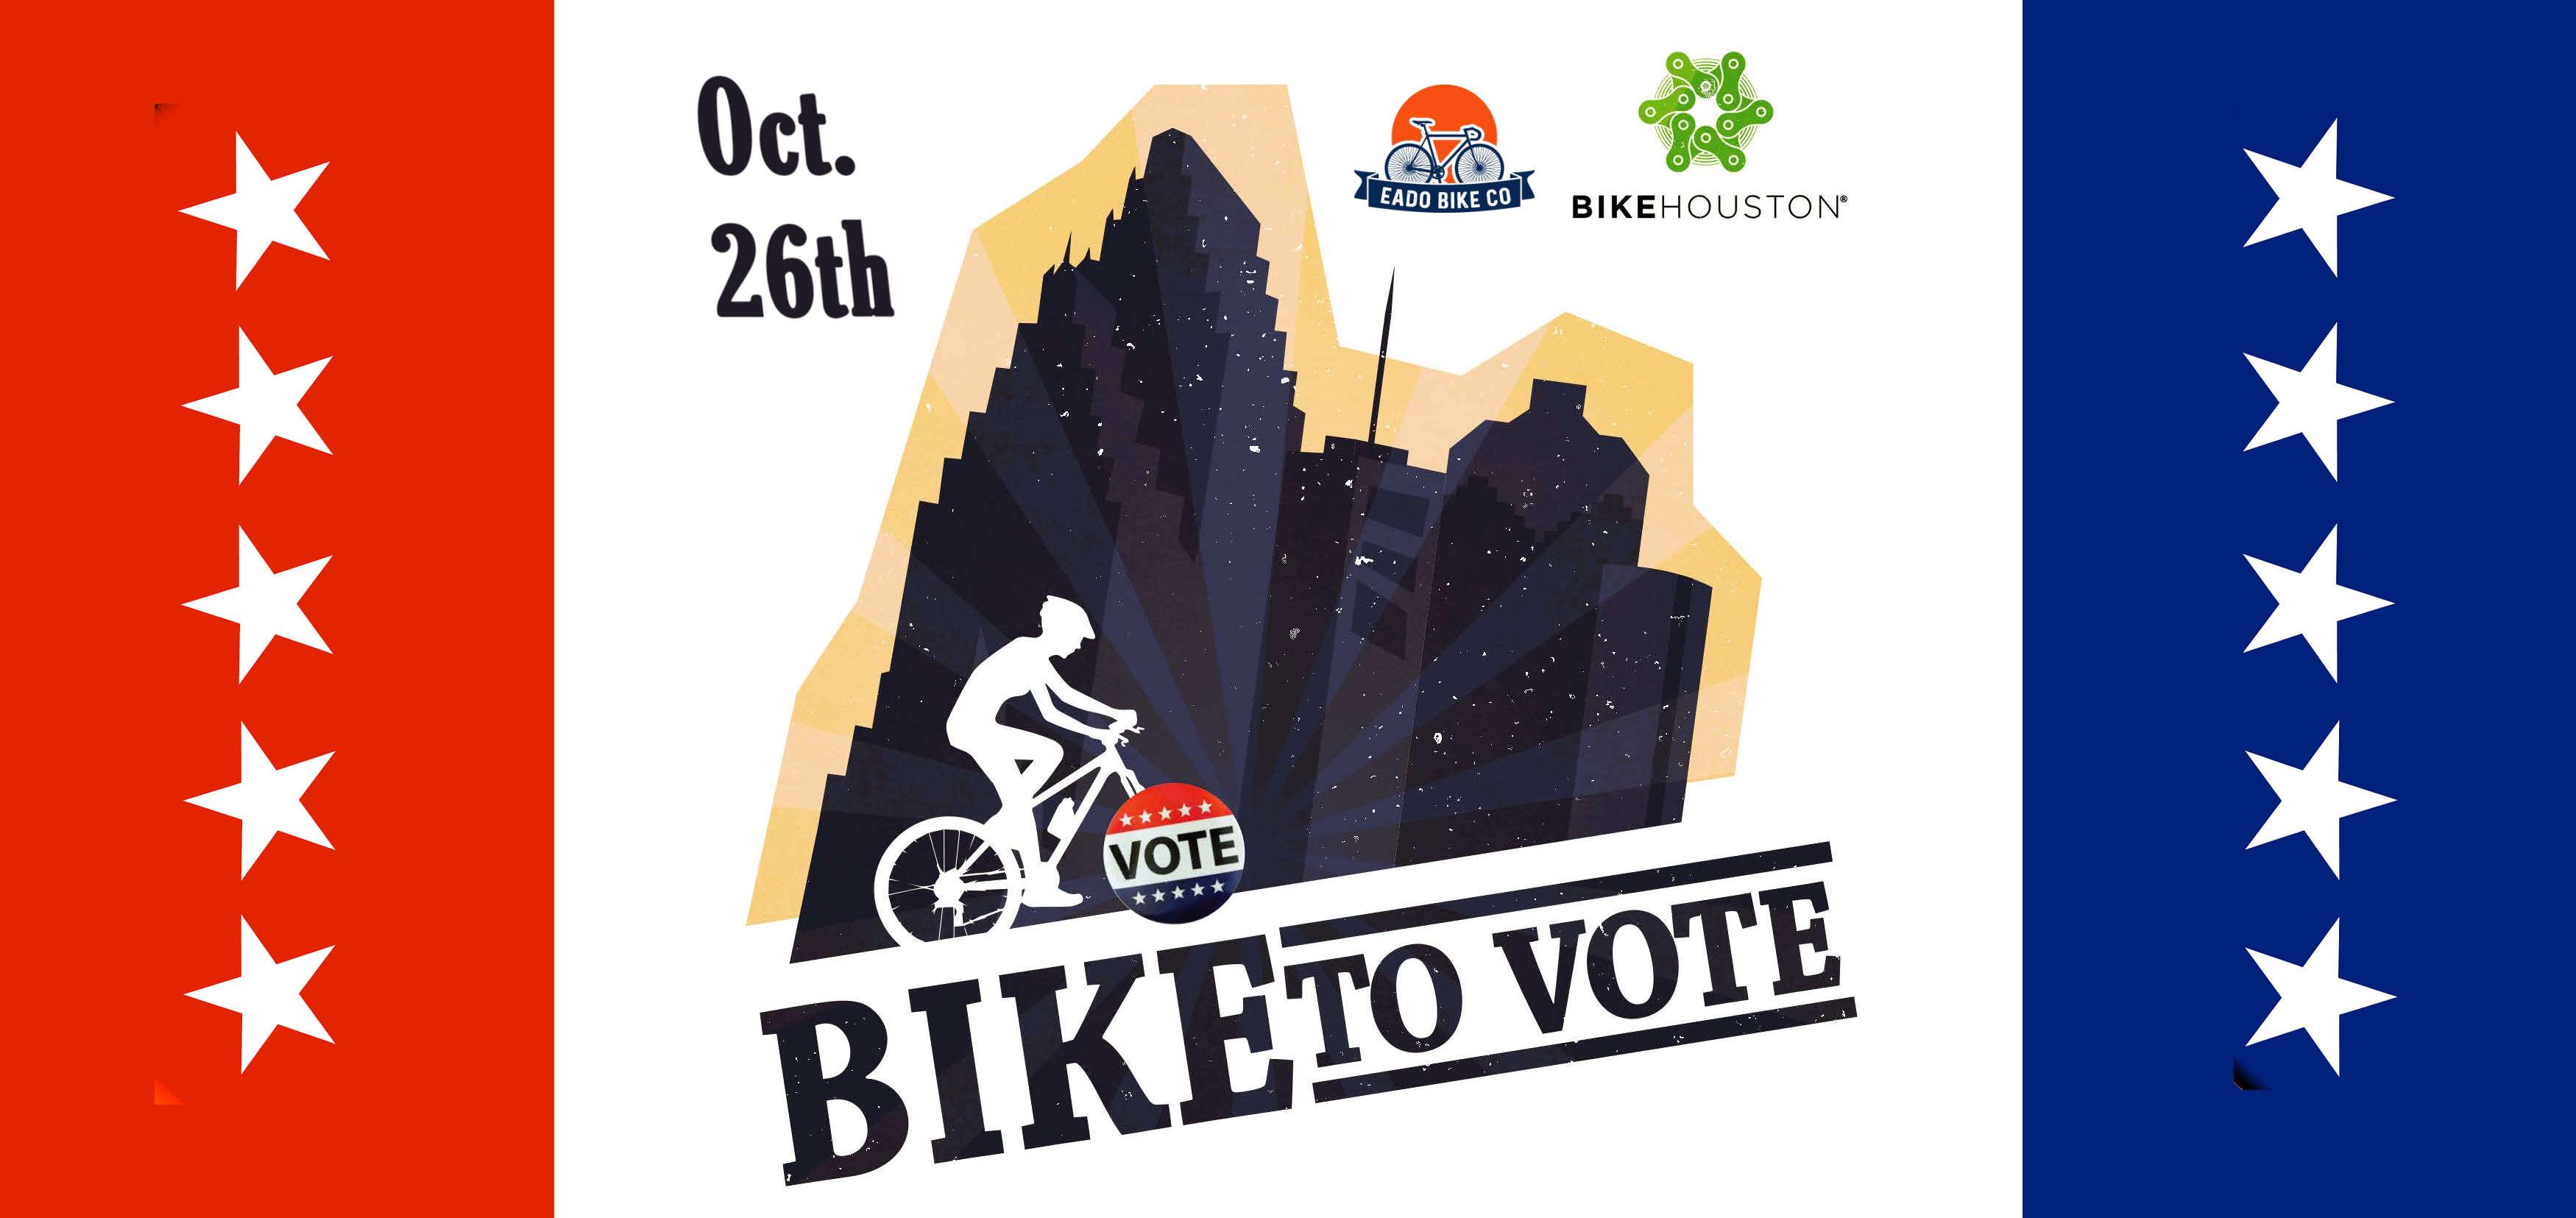 Bike to Vote